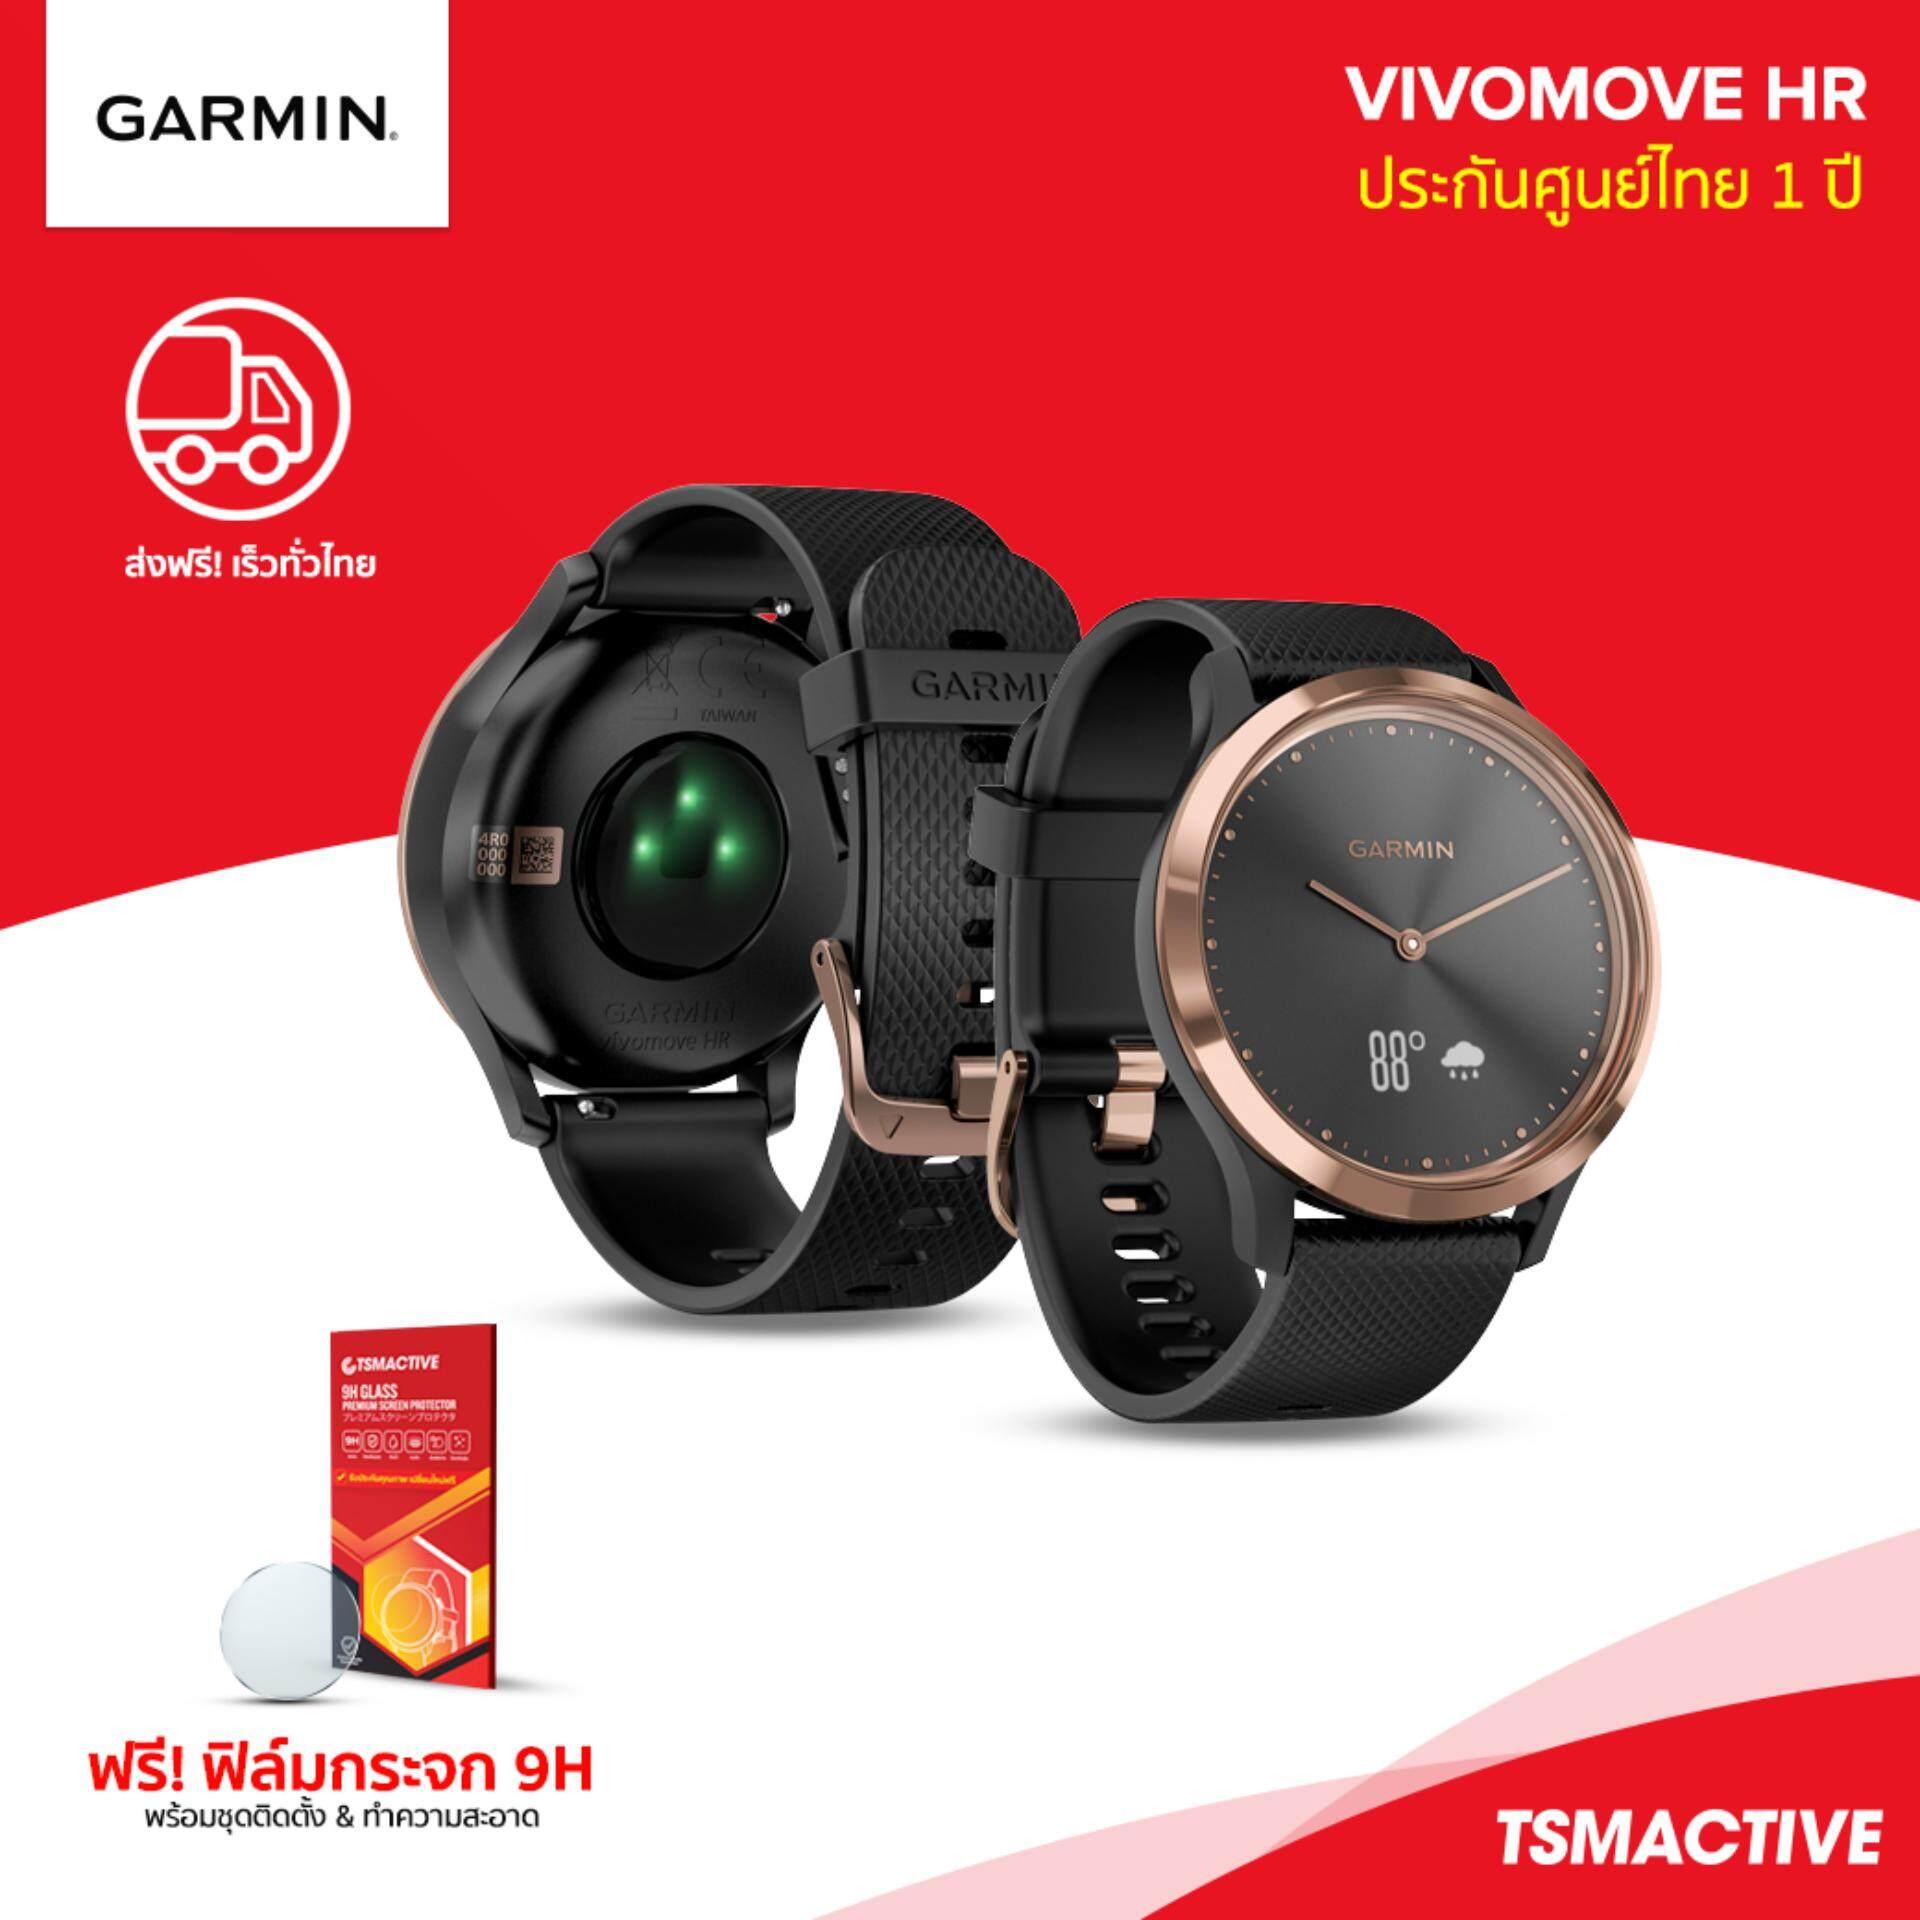 สอนใช้งาน  สุโขทัย Garmin Vivomove HR (Sport /Black-Rose Gold /Regular) นาฬิกาอัจฉริยะระบบไฮบริด วัดชีพจร 24 ชม. - ฟรีฟิล์มกระจกกันรอย